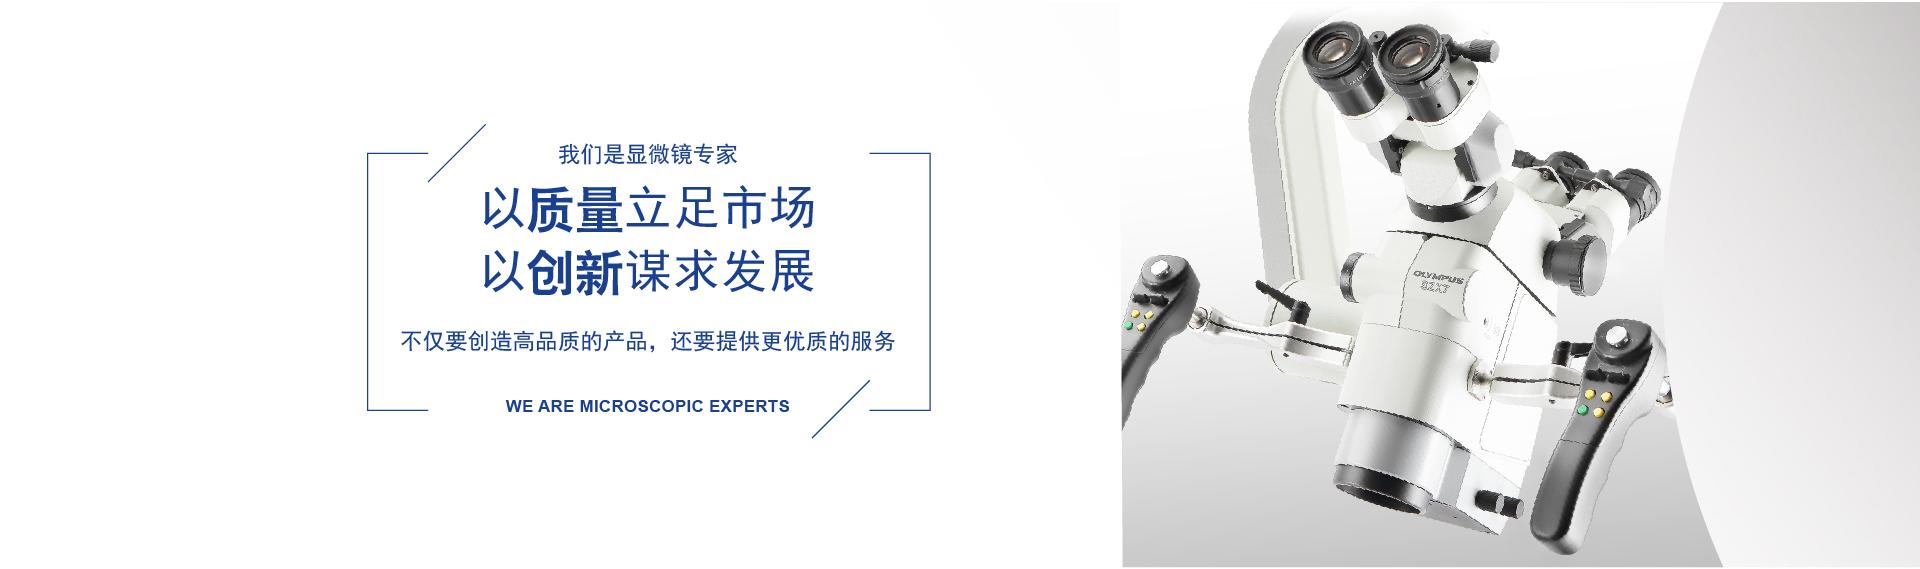 外科手术显微镜